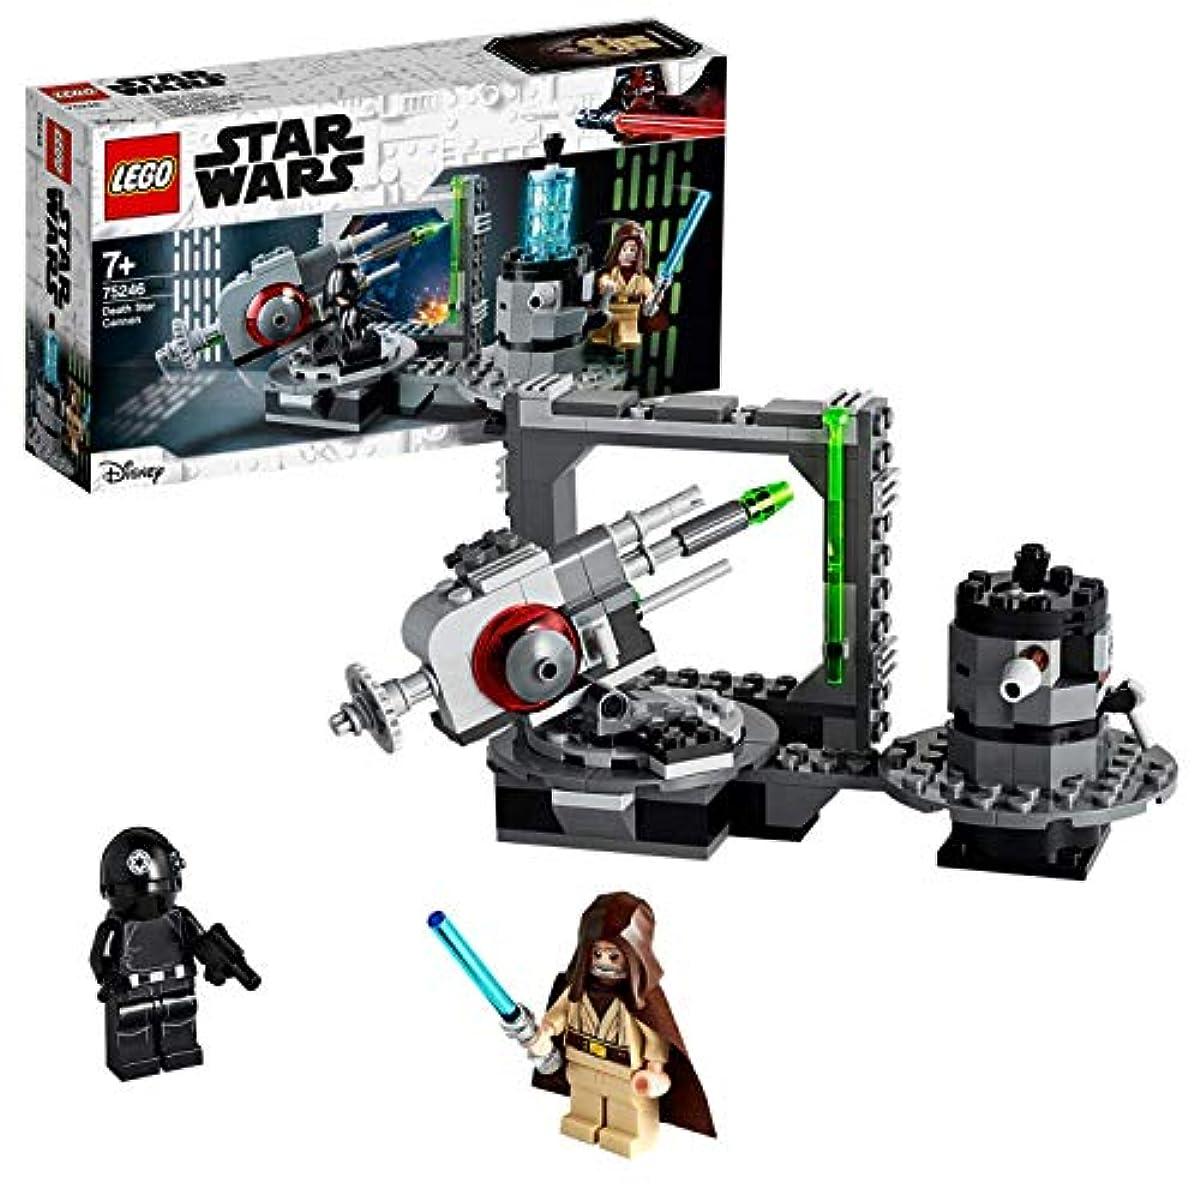 [해외] 레고(LEGO) 스타워즈 데스스타캐논 75246